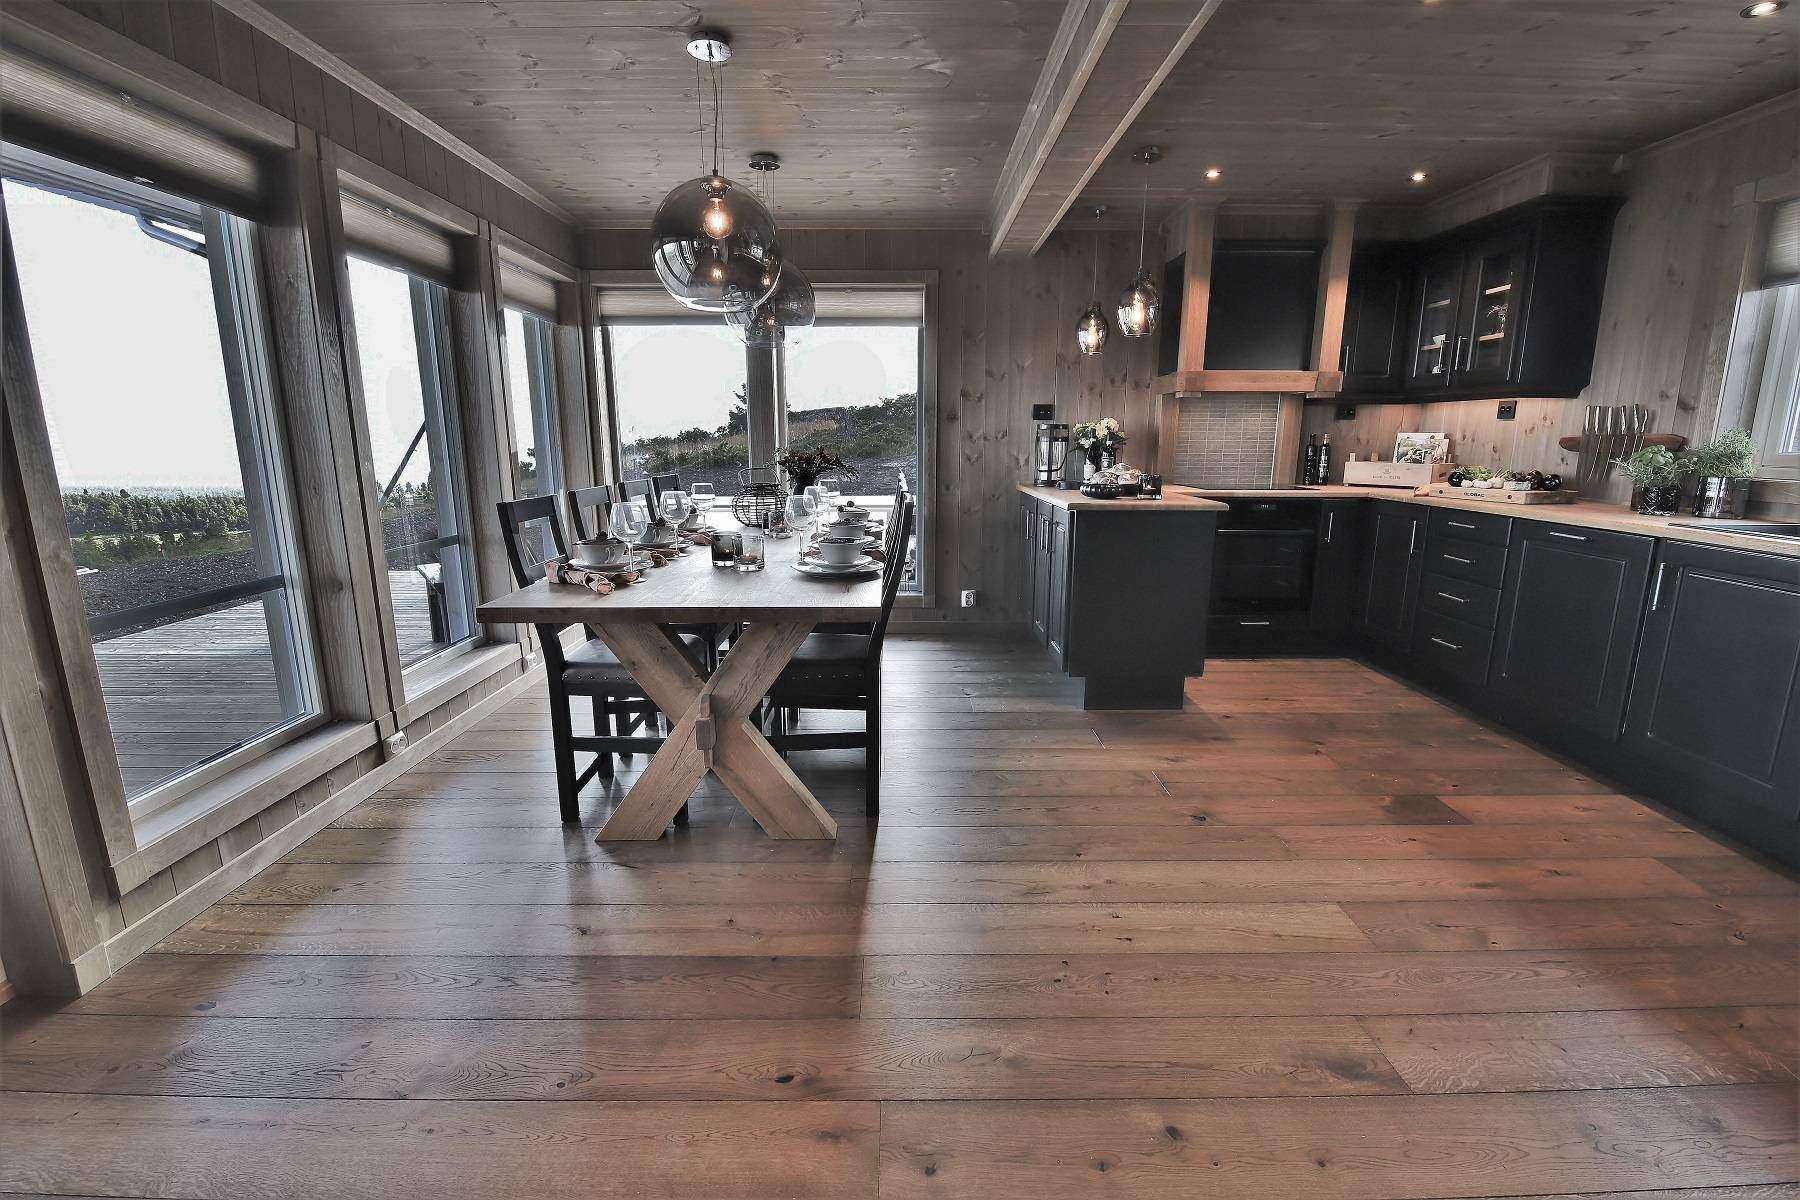 103 Hytteinteriør Hytteinspirasjon Storjuvtinden 114 på Nesbyen. Stor og åpen spiseplass og kjøkken med vidsyn til fjellnaturen.